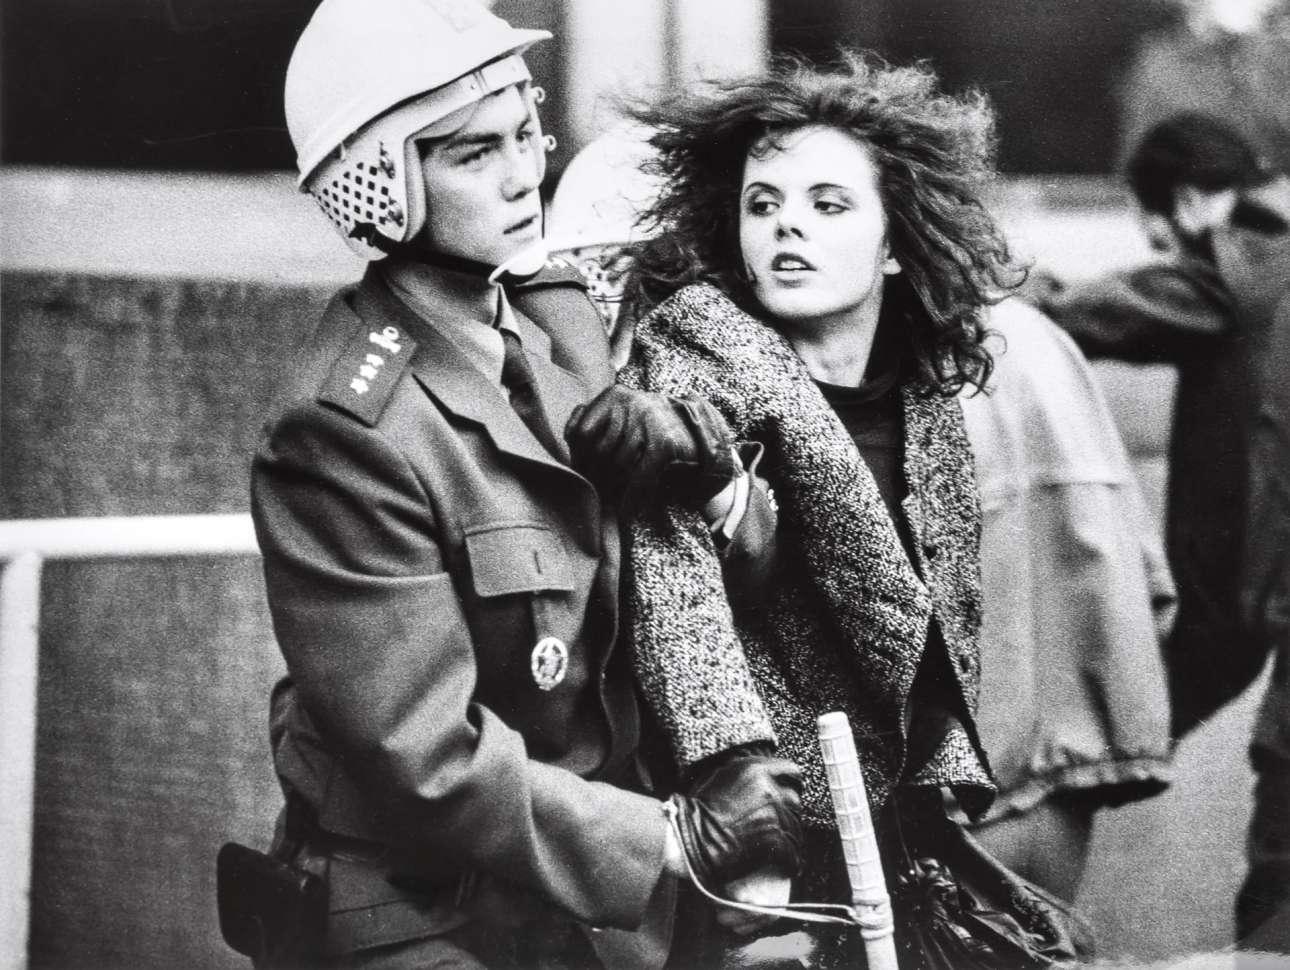 Τον Αύγουστο του 1989, λίγους μήνες προτού ξεσπάσει η «βελούδινη επανάσταση» του Νοεμβρίου και του Δεκεμβρίου, οι Τσεχοσλοβάκοι είχαν τιμήσει με διαδηλώσεις την ιστορική αλλά αποτυχημένη προσπάθειά τους να απεγκλωβιστούν από τη σοβιετική «αγκαλιά»: την «άνοιξη της Πράγας» του 1968. Στο στιγμιότυπο η σύλληψη μιας κοπέλας